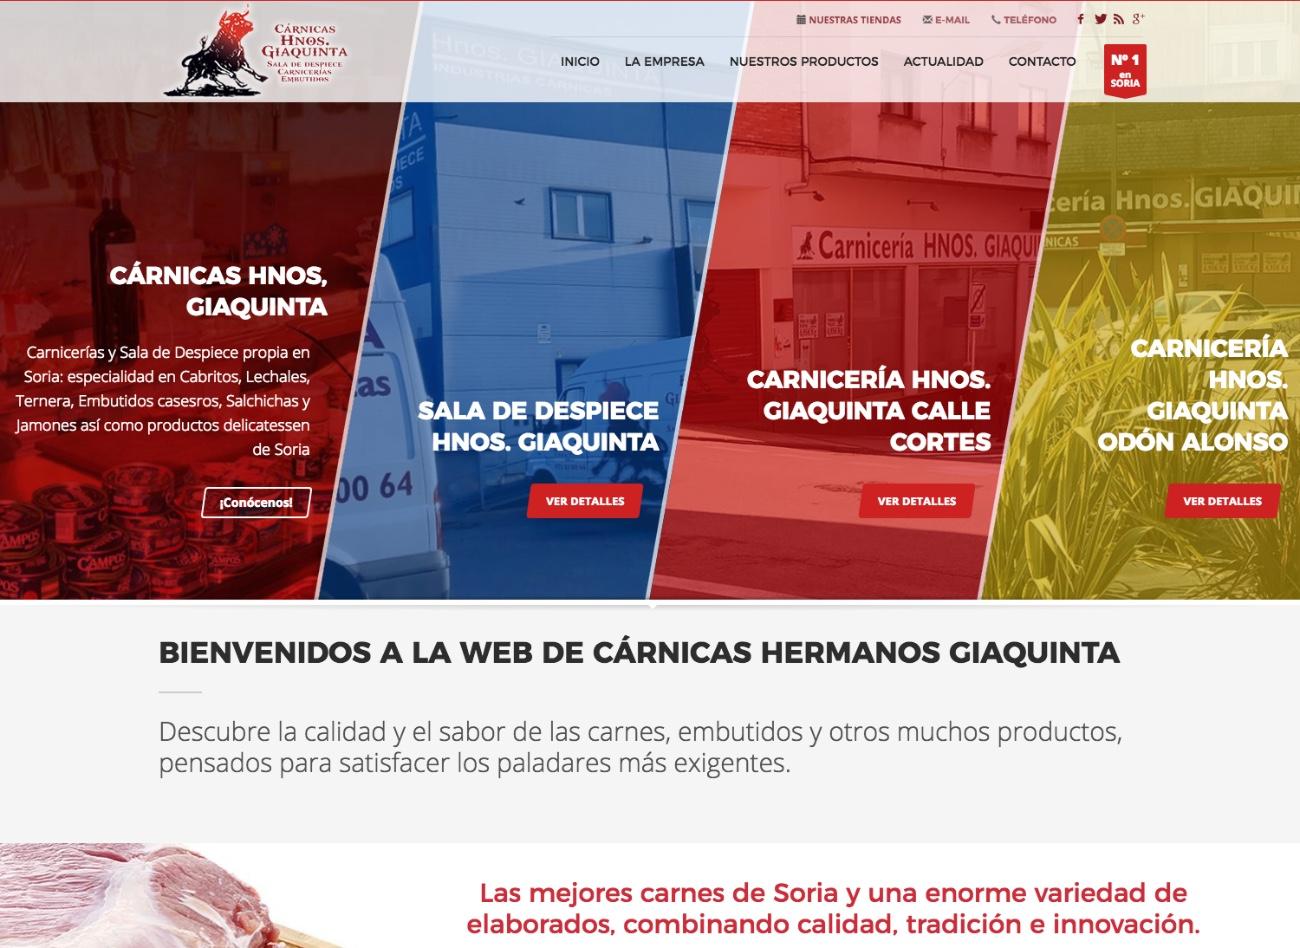 Cárnicas Hnos. Giaquinta han confiado en Gesdinet para la realización de su web